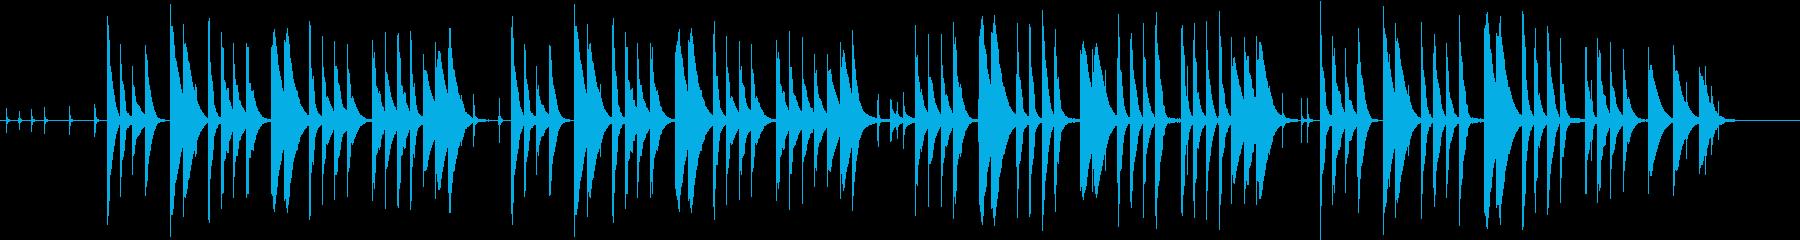 とぼけた感じののんびりした曲の再生済みの波形